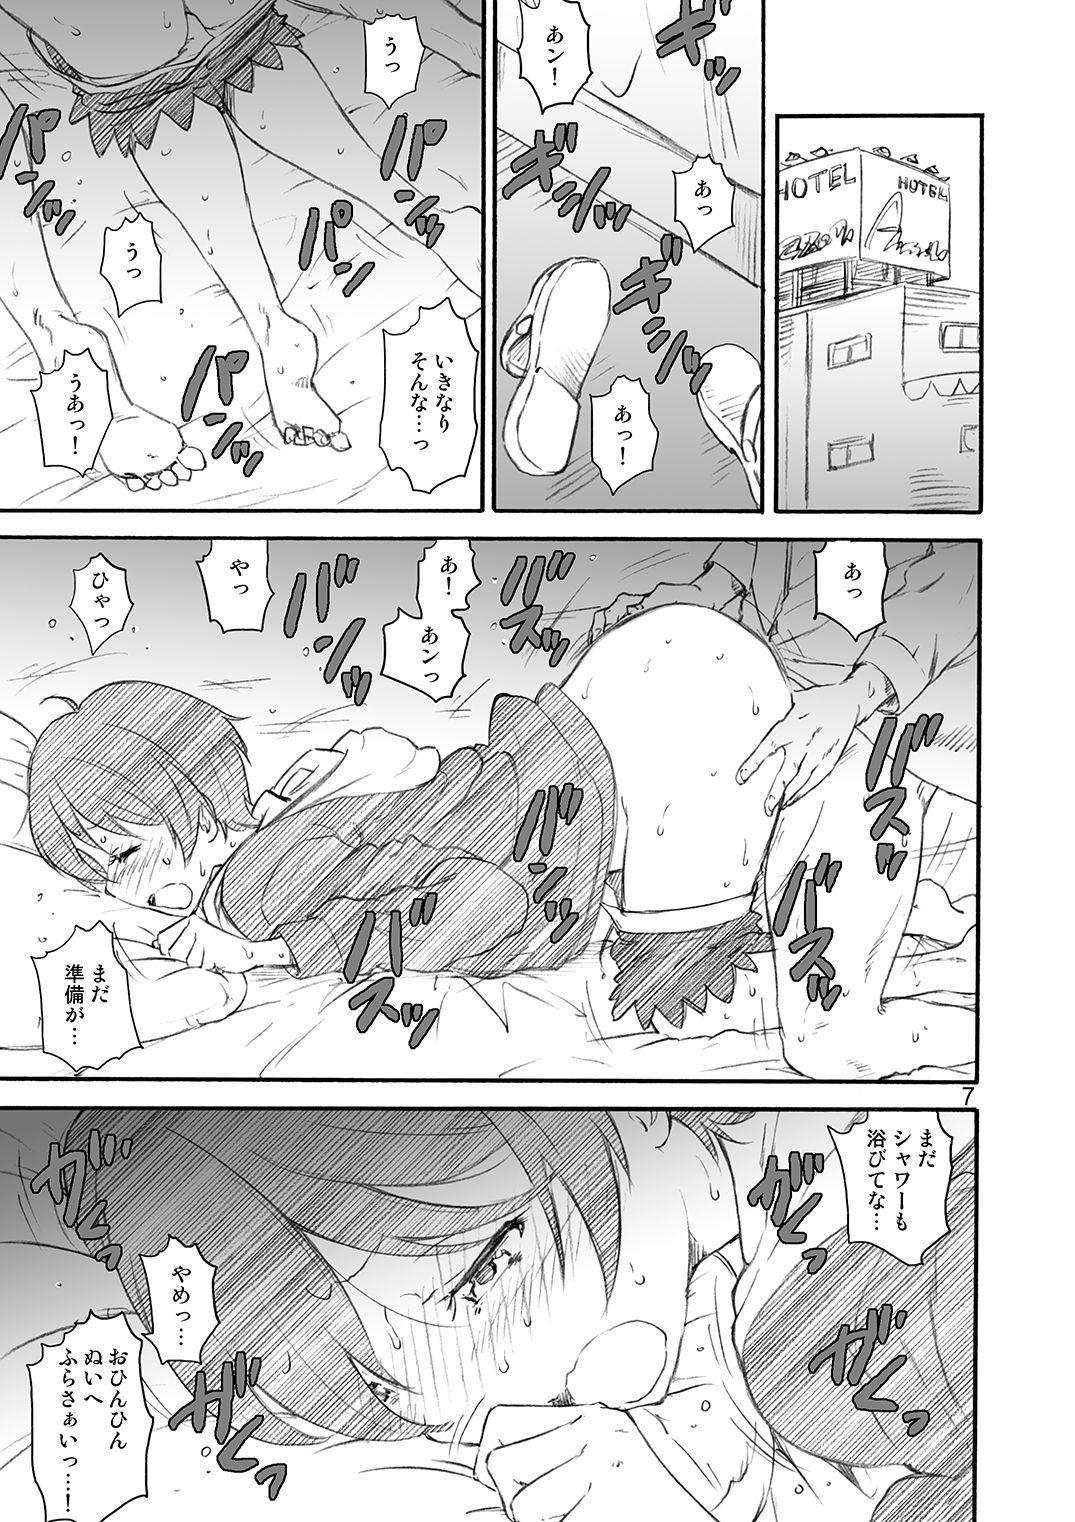 Kikan Yumi Ichirou Dai 11 Gou 6